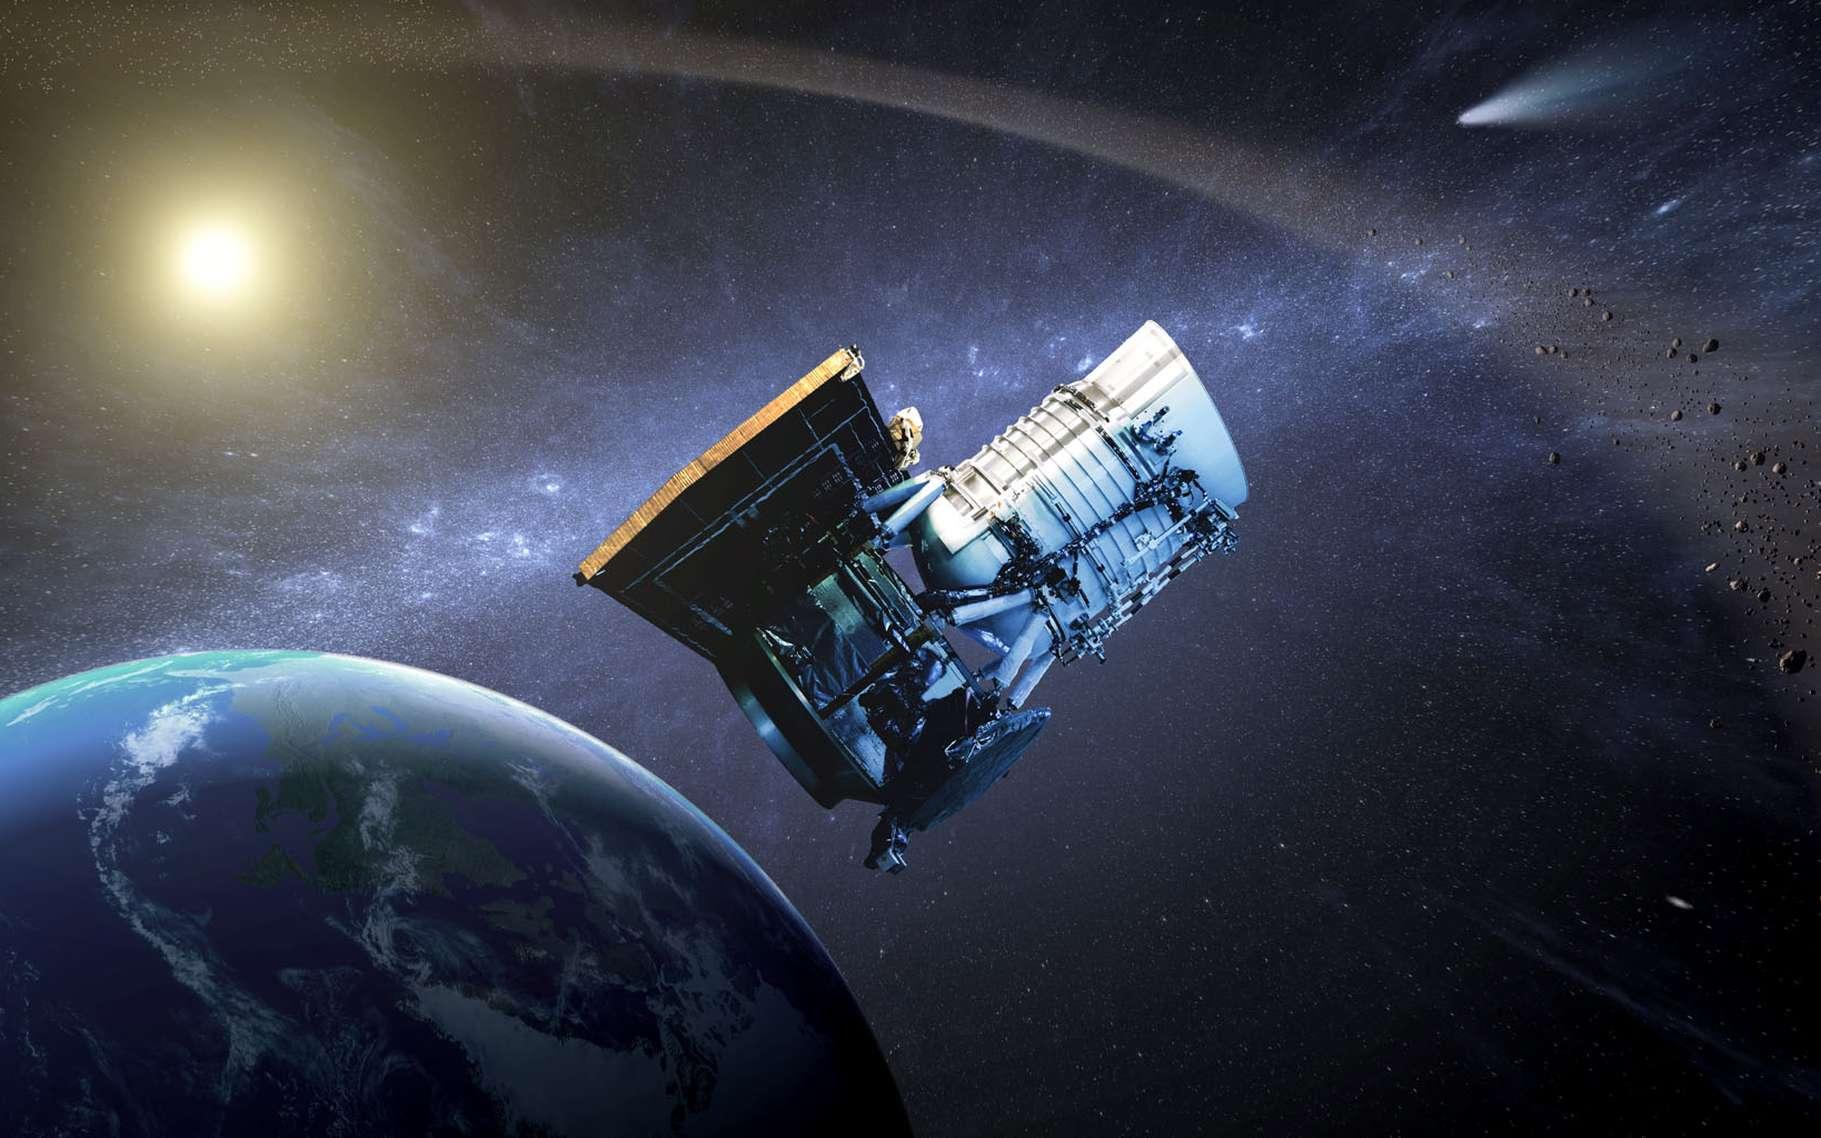 Wise (Wide-field infrared survey explorer, en français « Explorateur à grand champ pour l'étude dans l'infrarouge ») est un télescope spatial américain dont la mission consiste à réaliser une cartographie complète des sources infrarouges afin de repérer en particulier les astéroïdes comme les géocroiseurs, les étoiles peu visibles proches du Soleil et les étoiles de notre Galaxie masquées en lumière visible derrière des nuages interstellaires comme c'est le cas avec certains amas ouverts d'étoiles. © Nasa, JPL-Caltech